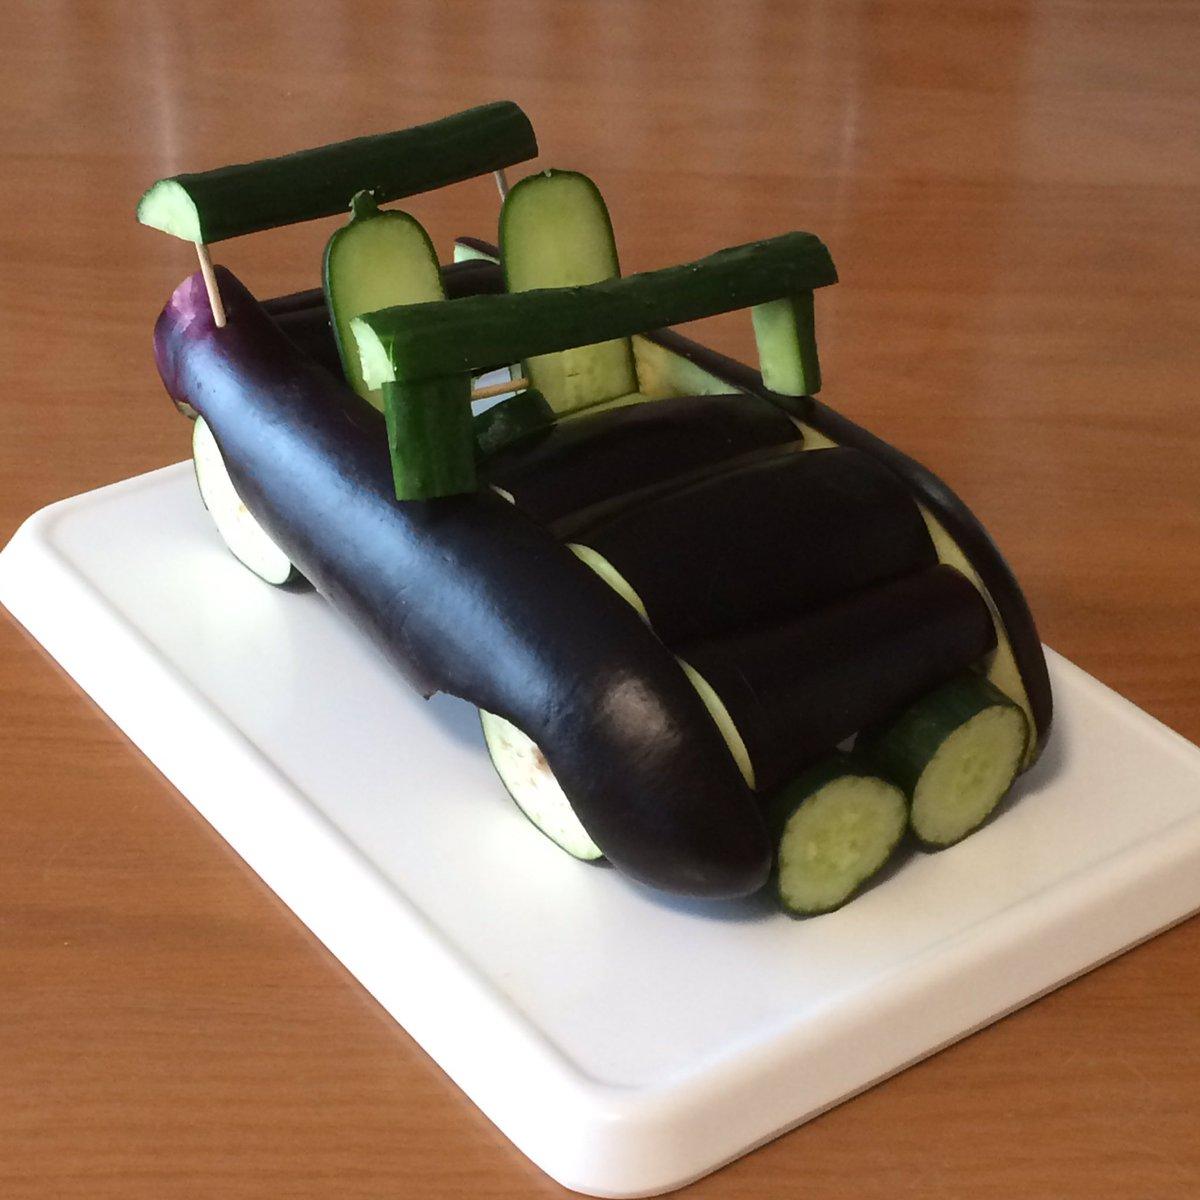 お盆なので車好きだった祖父に快適なドライブをお楽しみ頂こうというものです 農家の人ごめんなさい